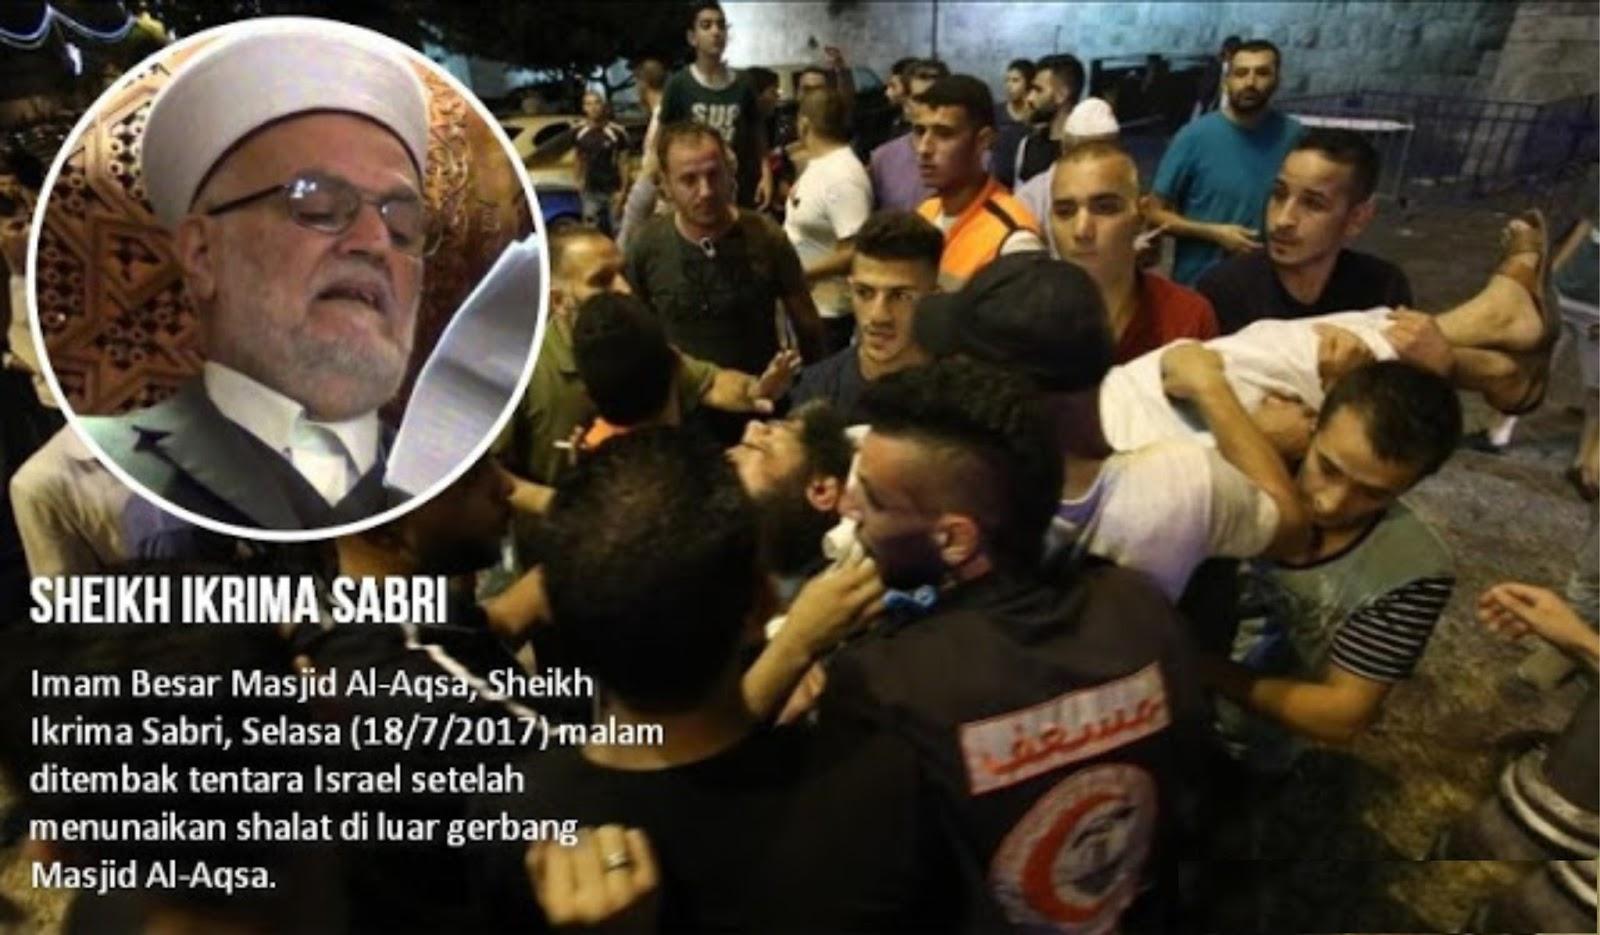 5 Sejarah Mengerikan yang Pernah Terjadi di Al Aqsa yang Terkenal Legendaris